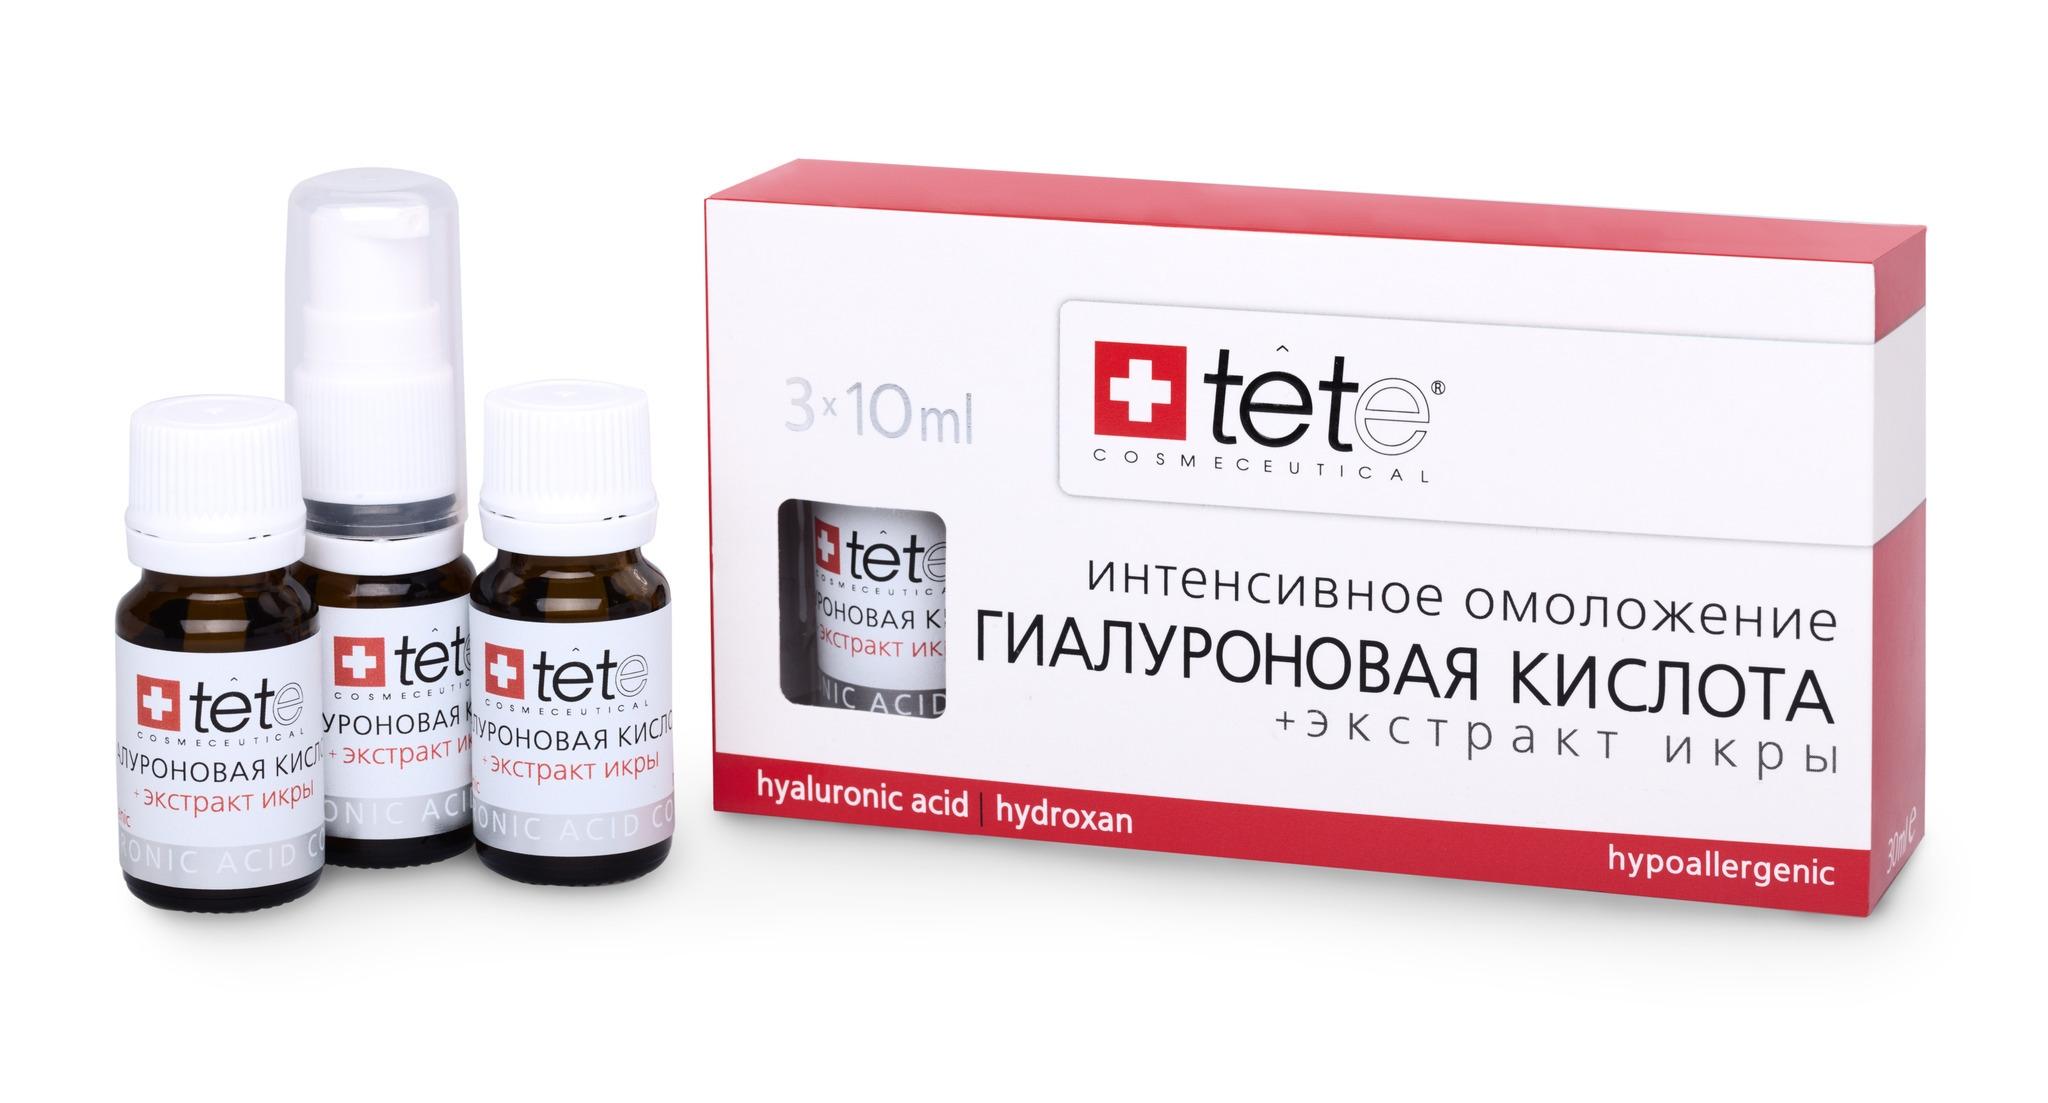 TETe Cosmeceutical Гиалуроновая кислота + экстракт икры, 30 мл